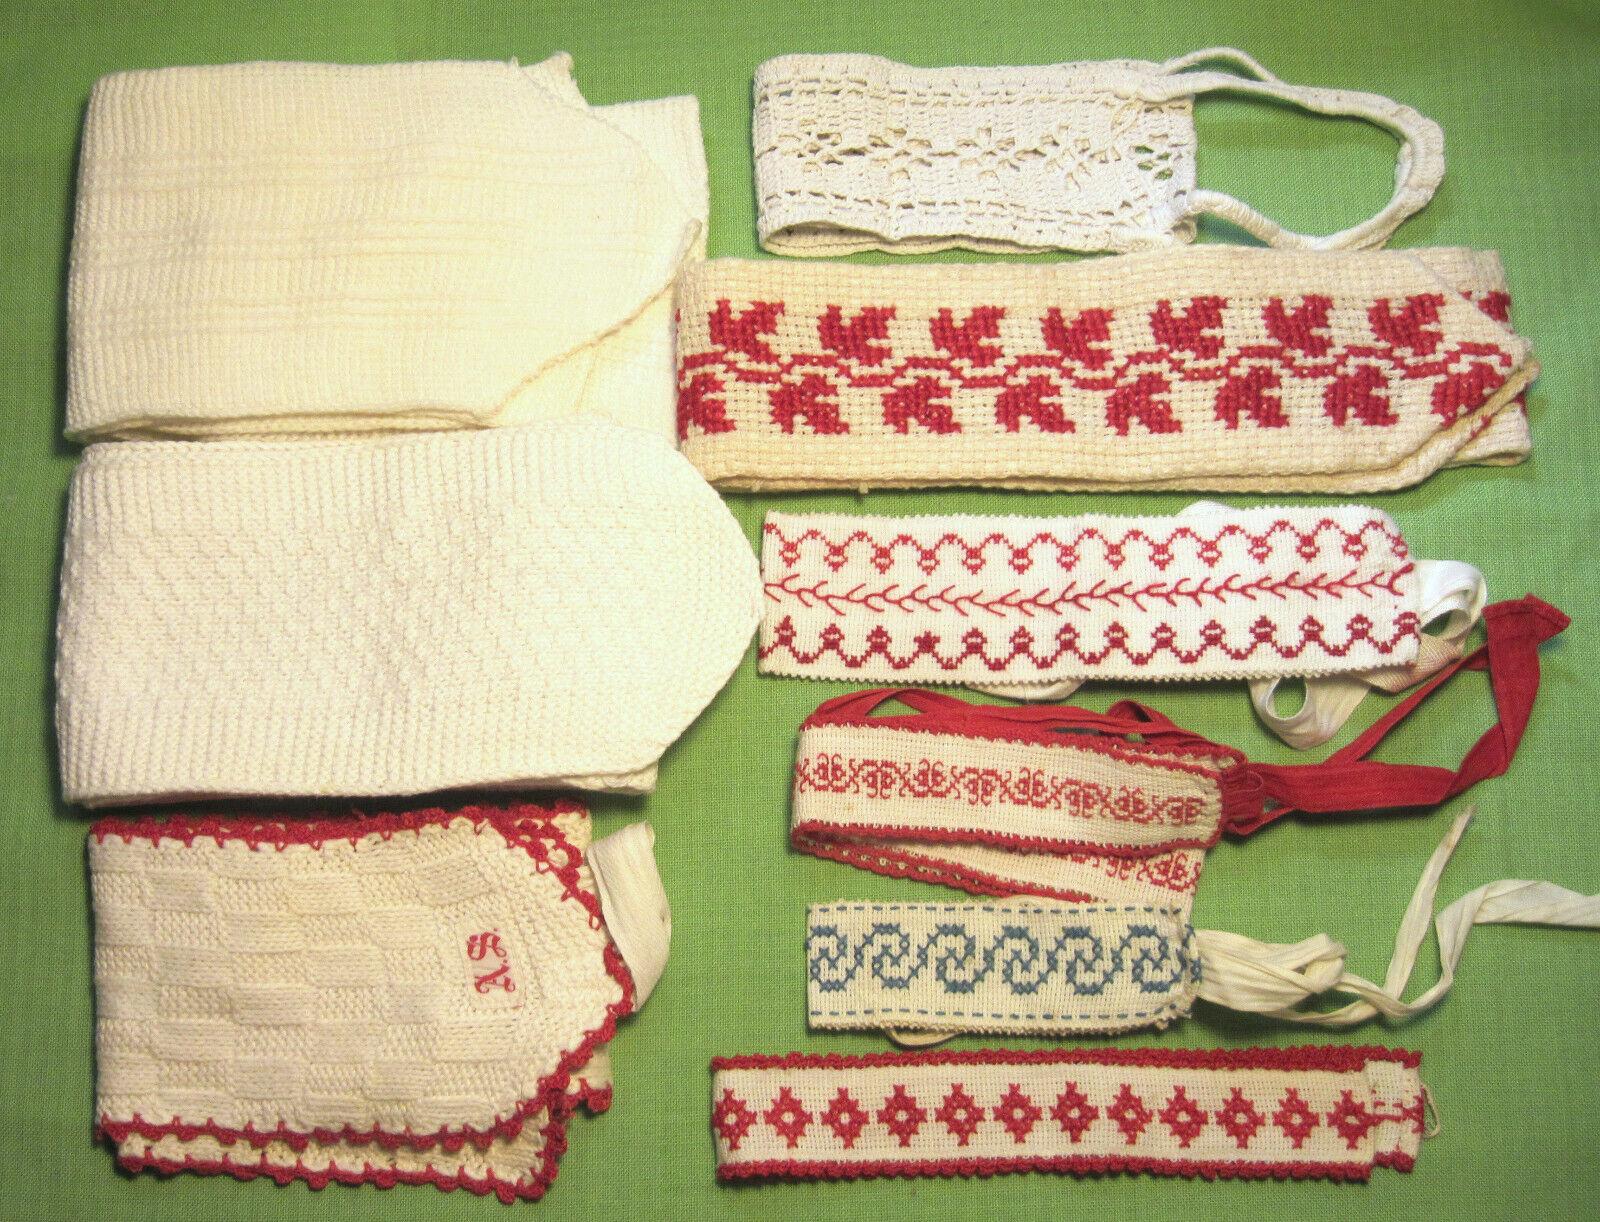 antike Wäschebänder in versch. Ausführungen - Handarbeit - 9 Teile/ 2